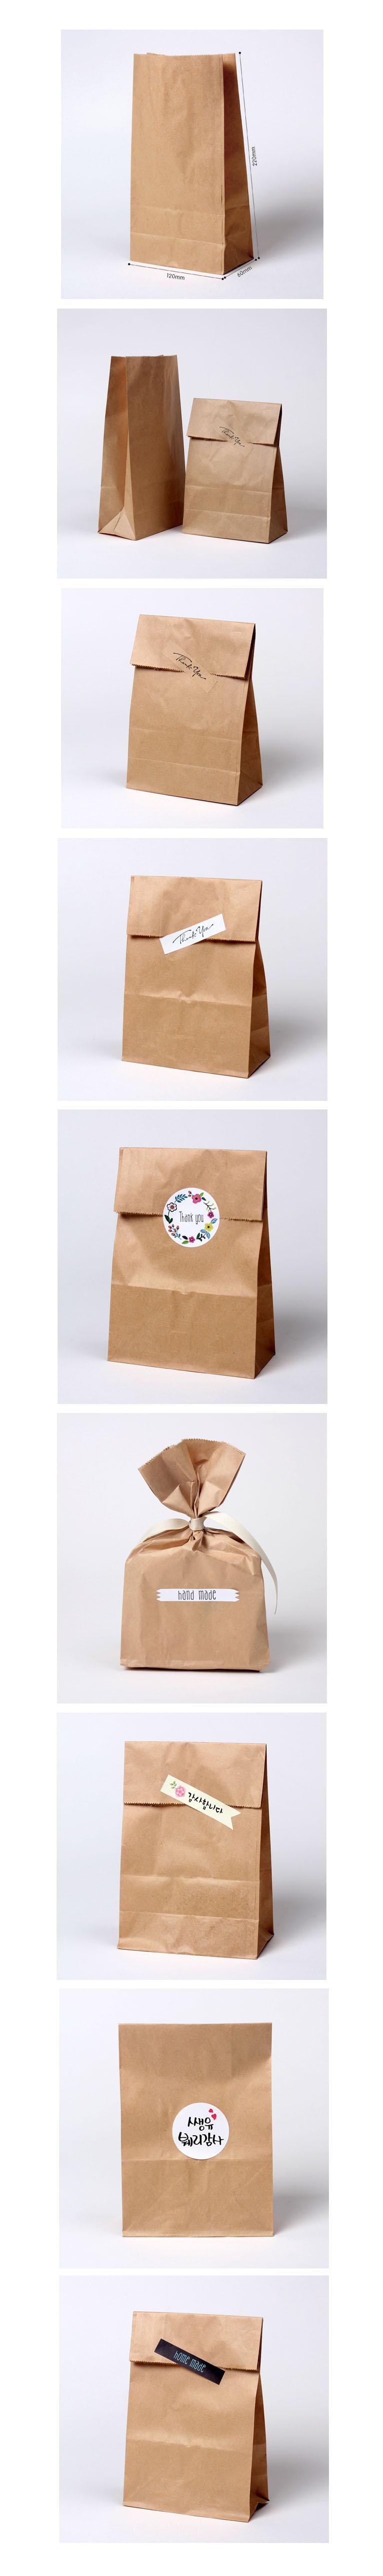 종이봉투 크라프트-무지S(20개)1,700원-헬로우모리스디자인문구, 선물포장, 종이/페이퍼백, 심플바보사랑종이봉투 크라프트-무지S(20개)1,700원-헬로우모리스디자인문구, 선물포장, 종이/페이퍼백, 심플바보사랑